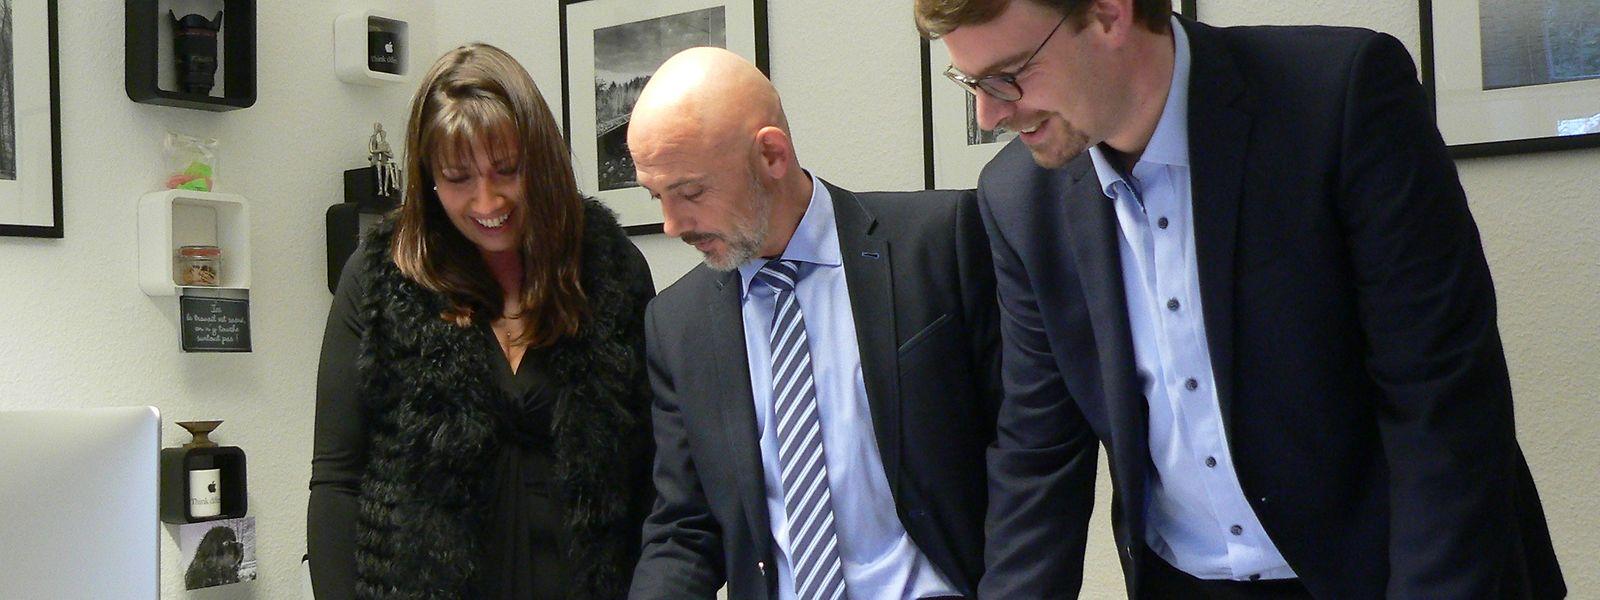 Das LESC-Direktionsteam um Direktor Jean Billa, den beigeordneten Direktor Claude Huss (r.) und die Direktionsassistentin Stéphanie Bracquez (l.).